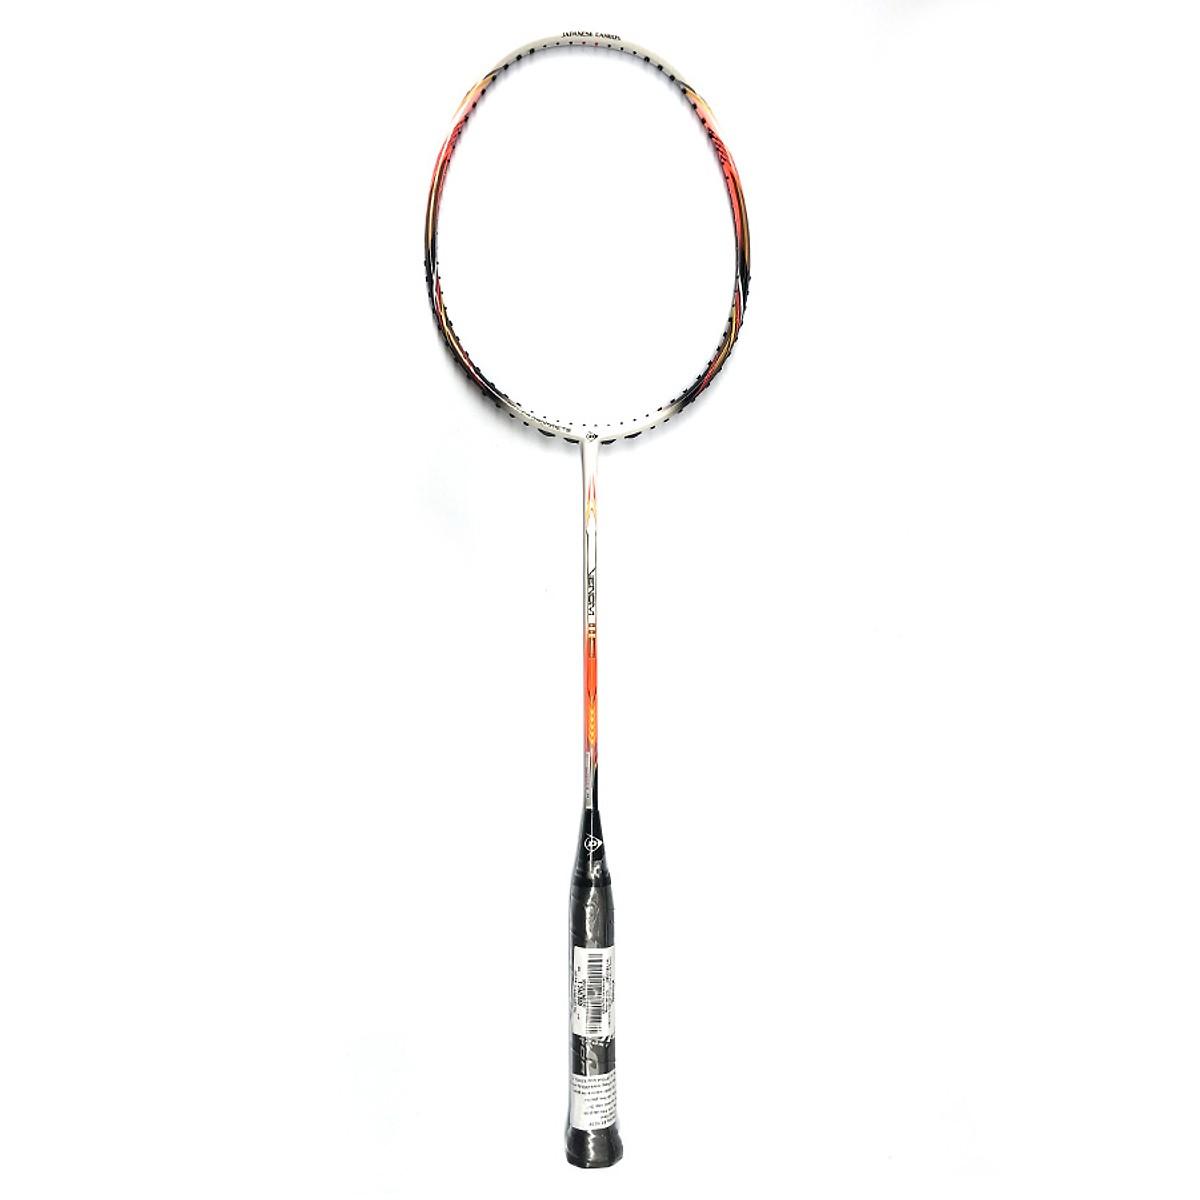 Tiêu chuẩn chọn mua vợt cầu lông nào tốt nhất cần biết 1